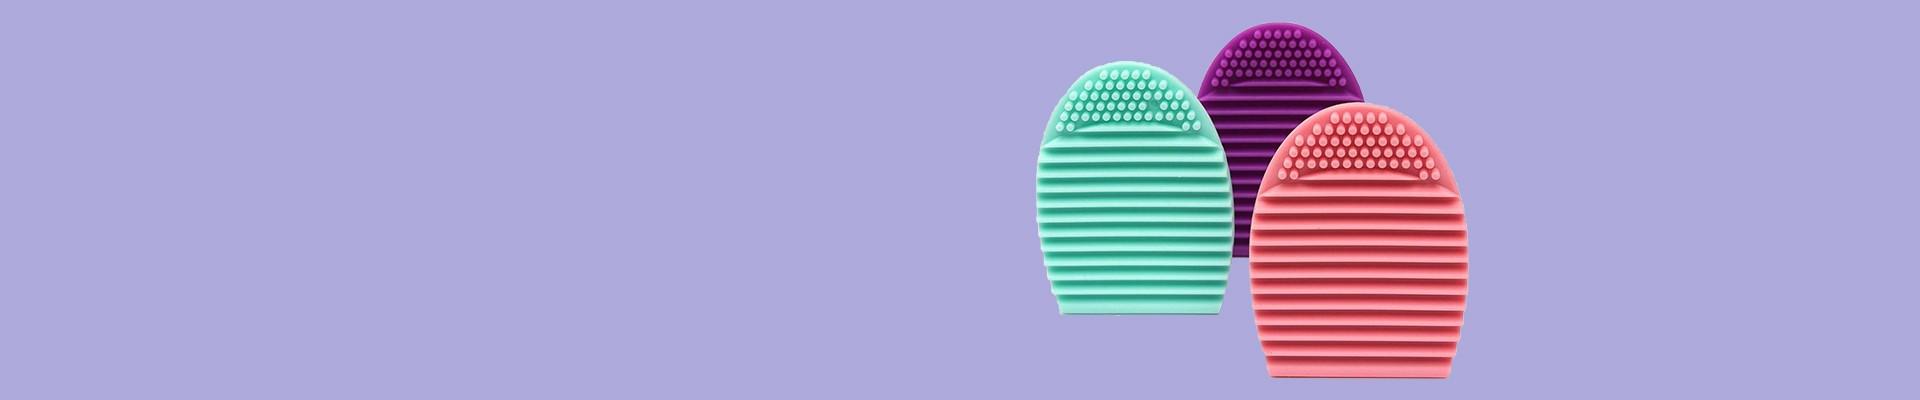 Jual Pembersih Brush Make Up Online Terbaik